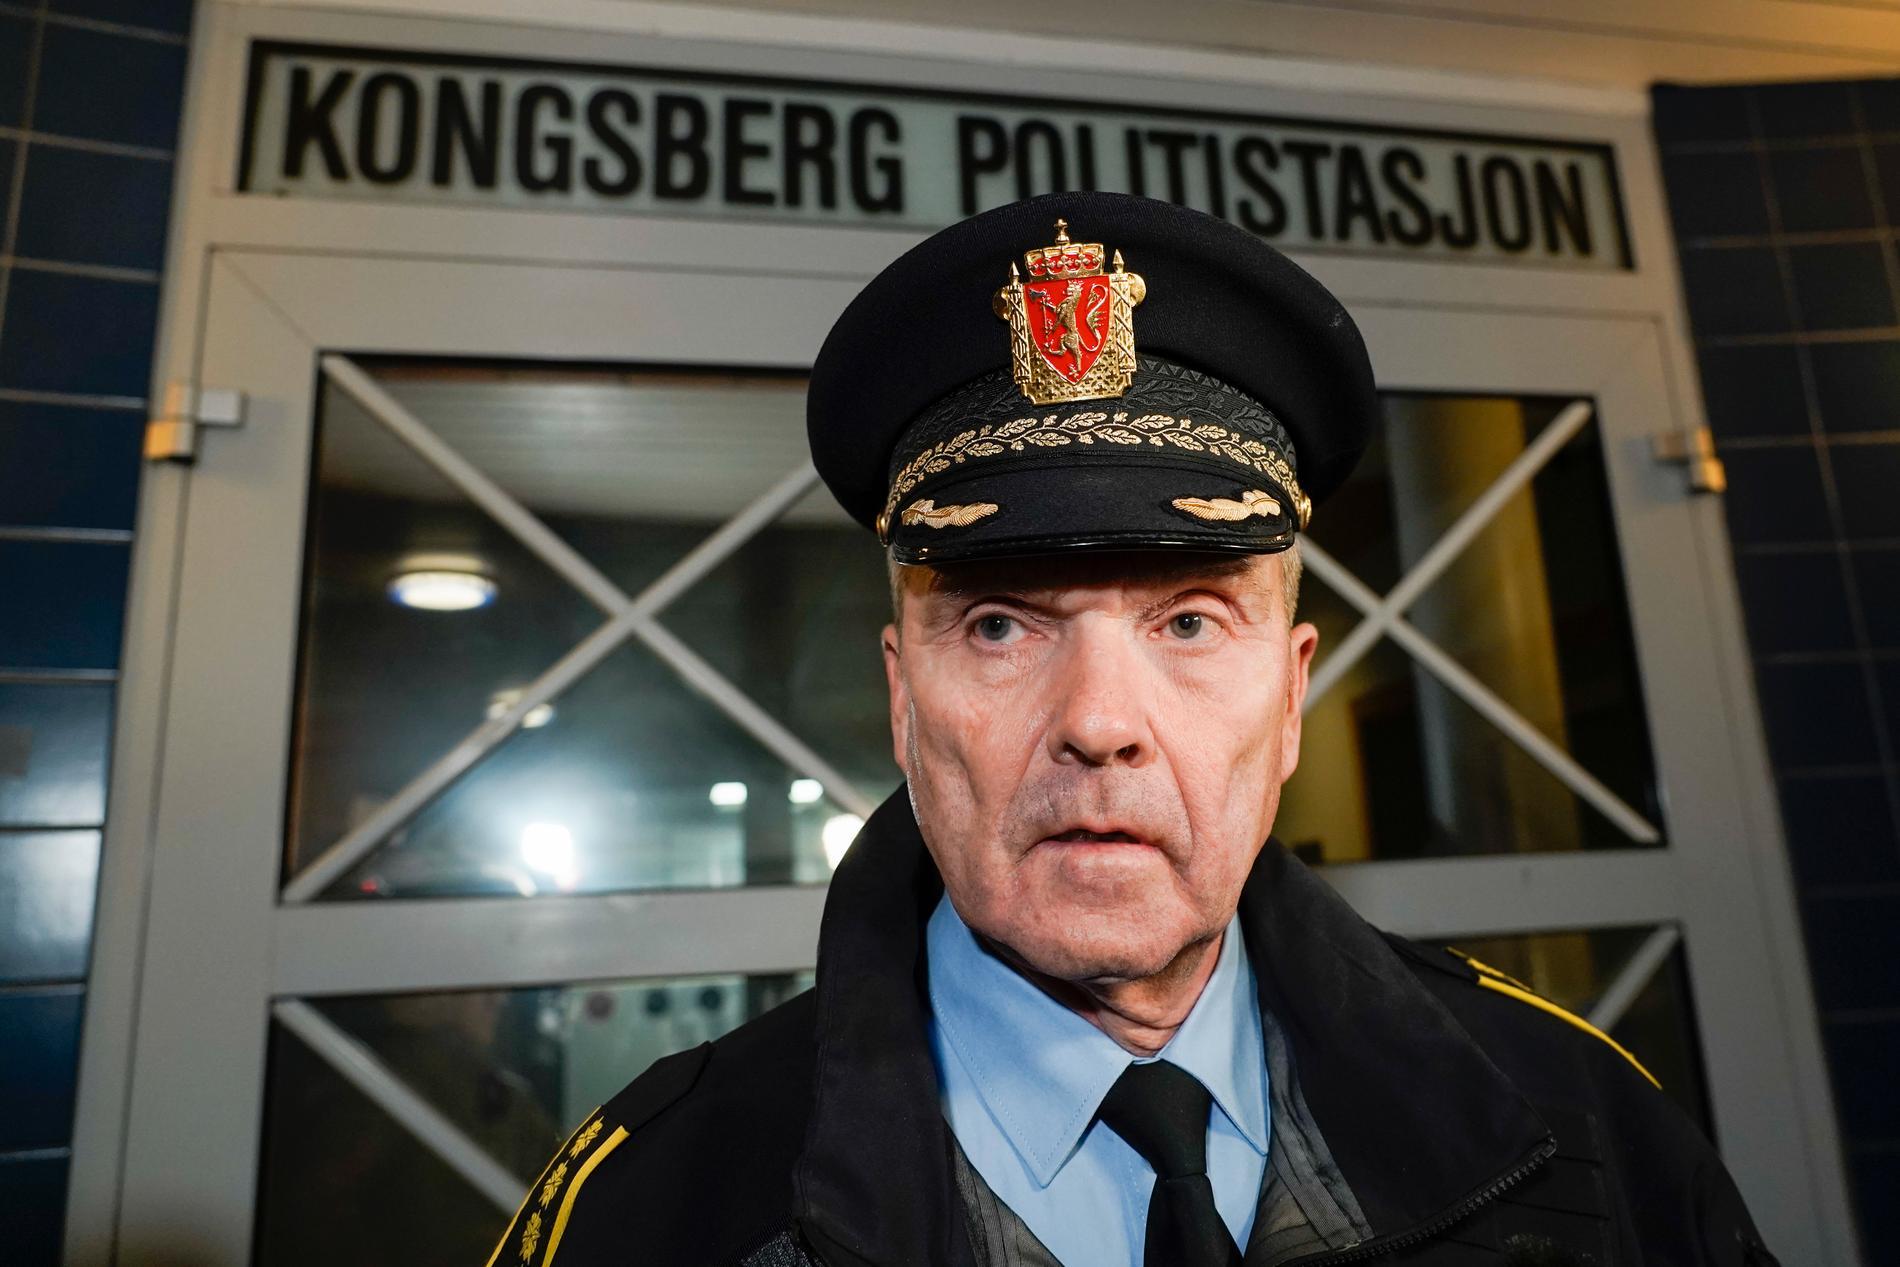 polischefen Øyvind Aas.